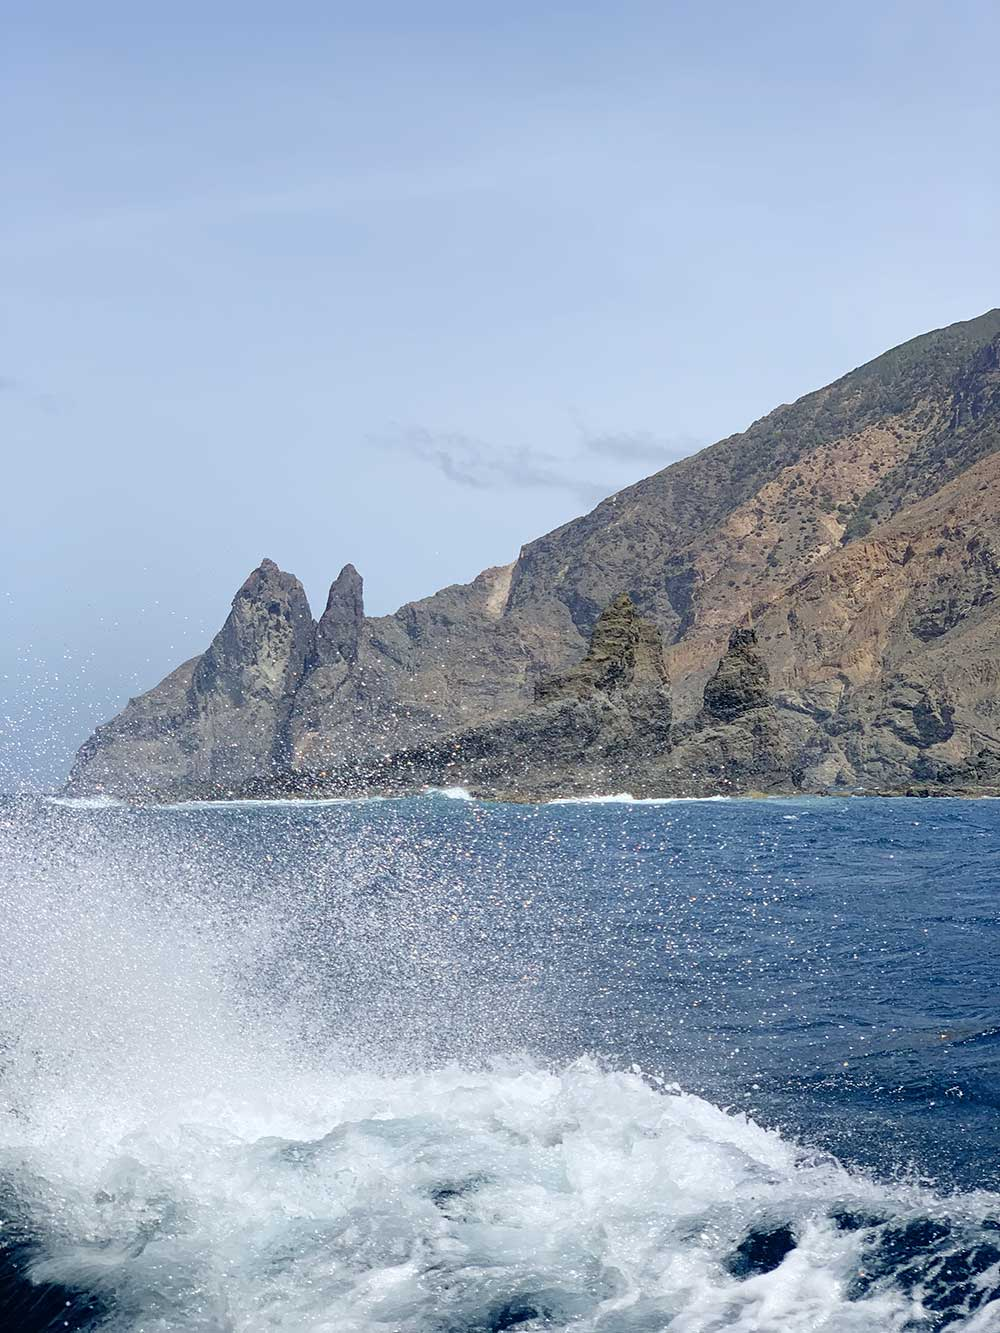 Excursión a los Órganos de La Gomera - Aguas embravecidas